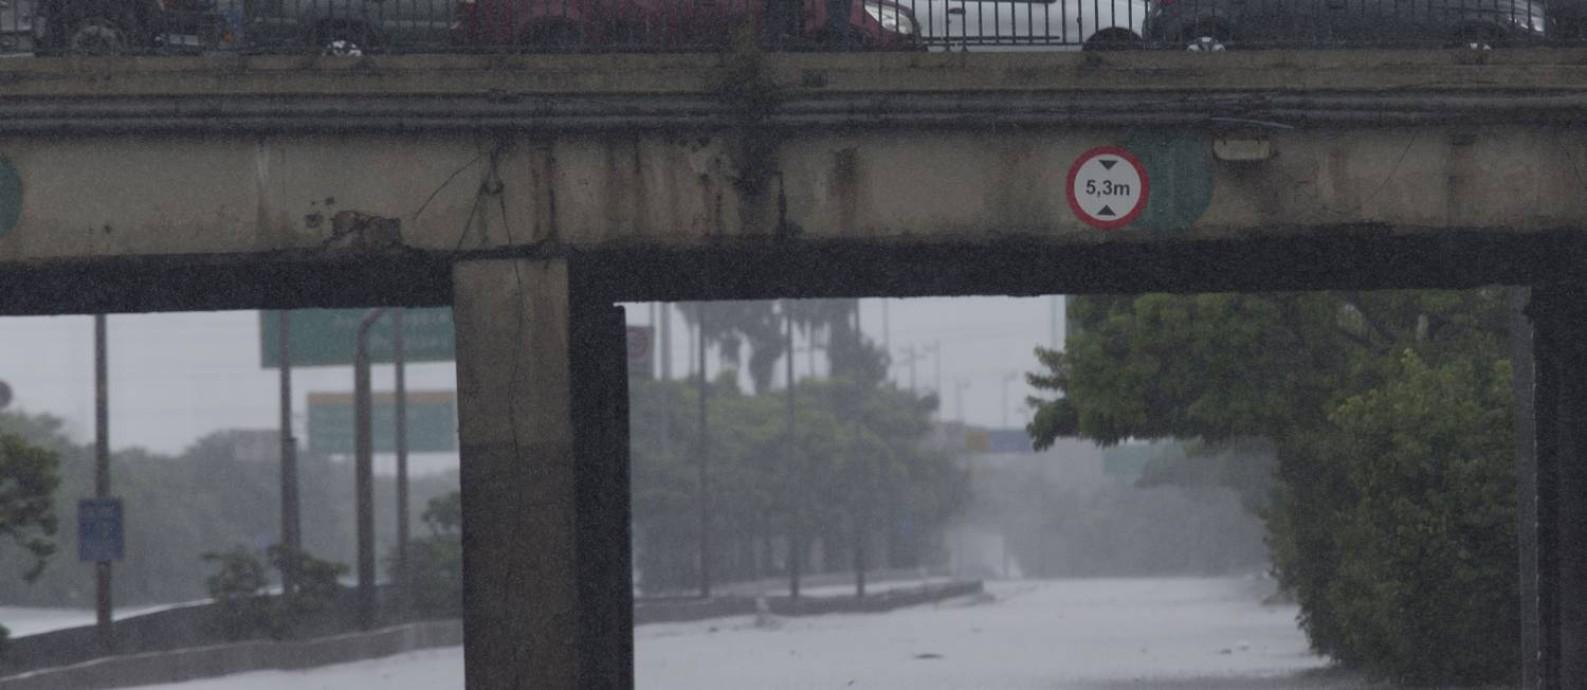 Carro submerge na Marginal Tietê, próximo à Ponte Bandeiras Foto: Edilson Dantas / Agência O Globo